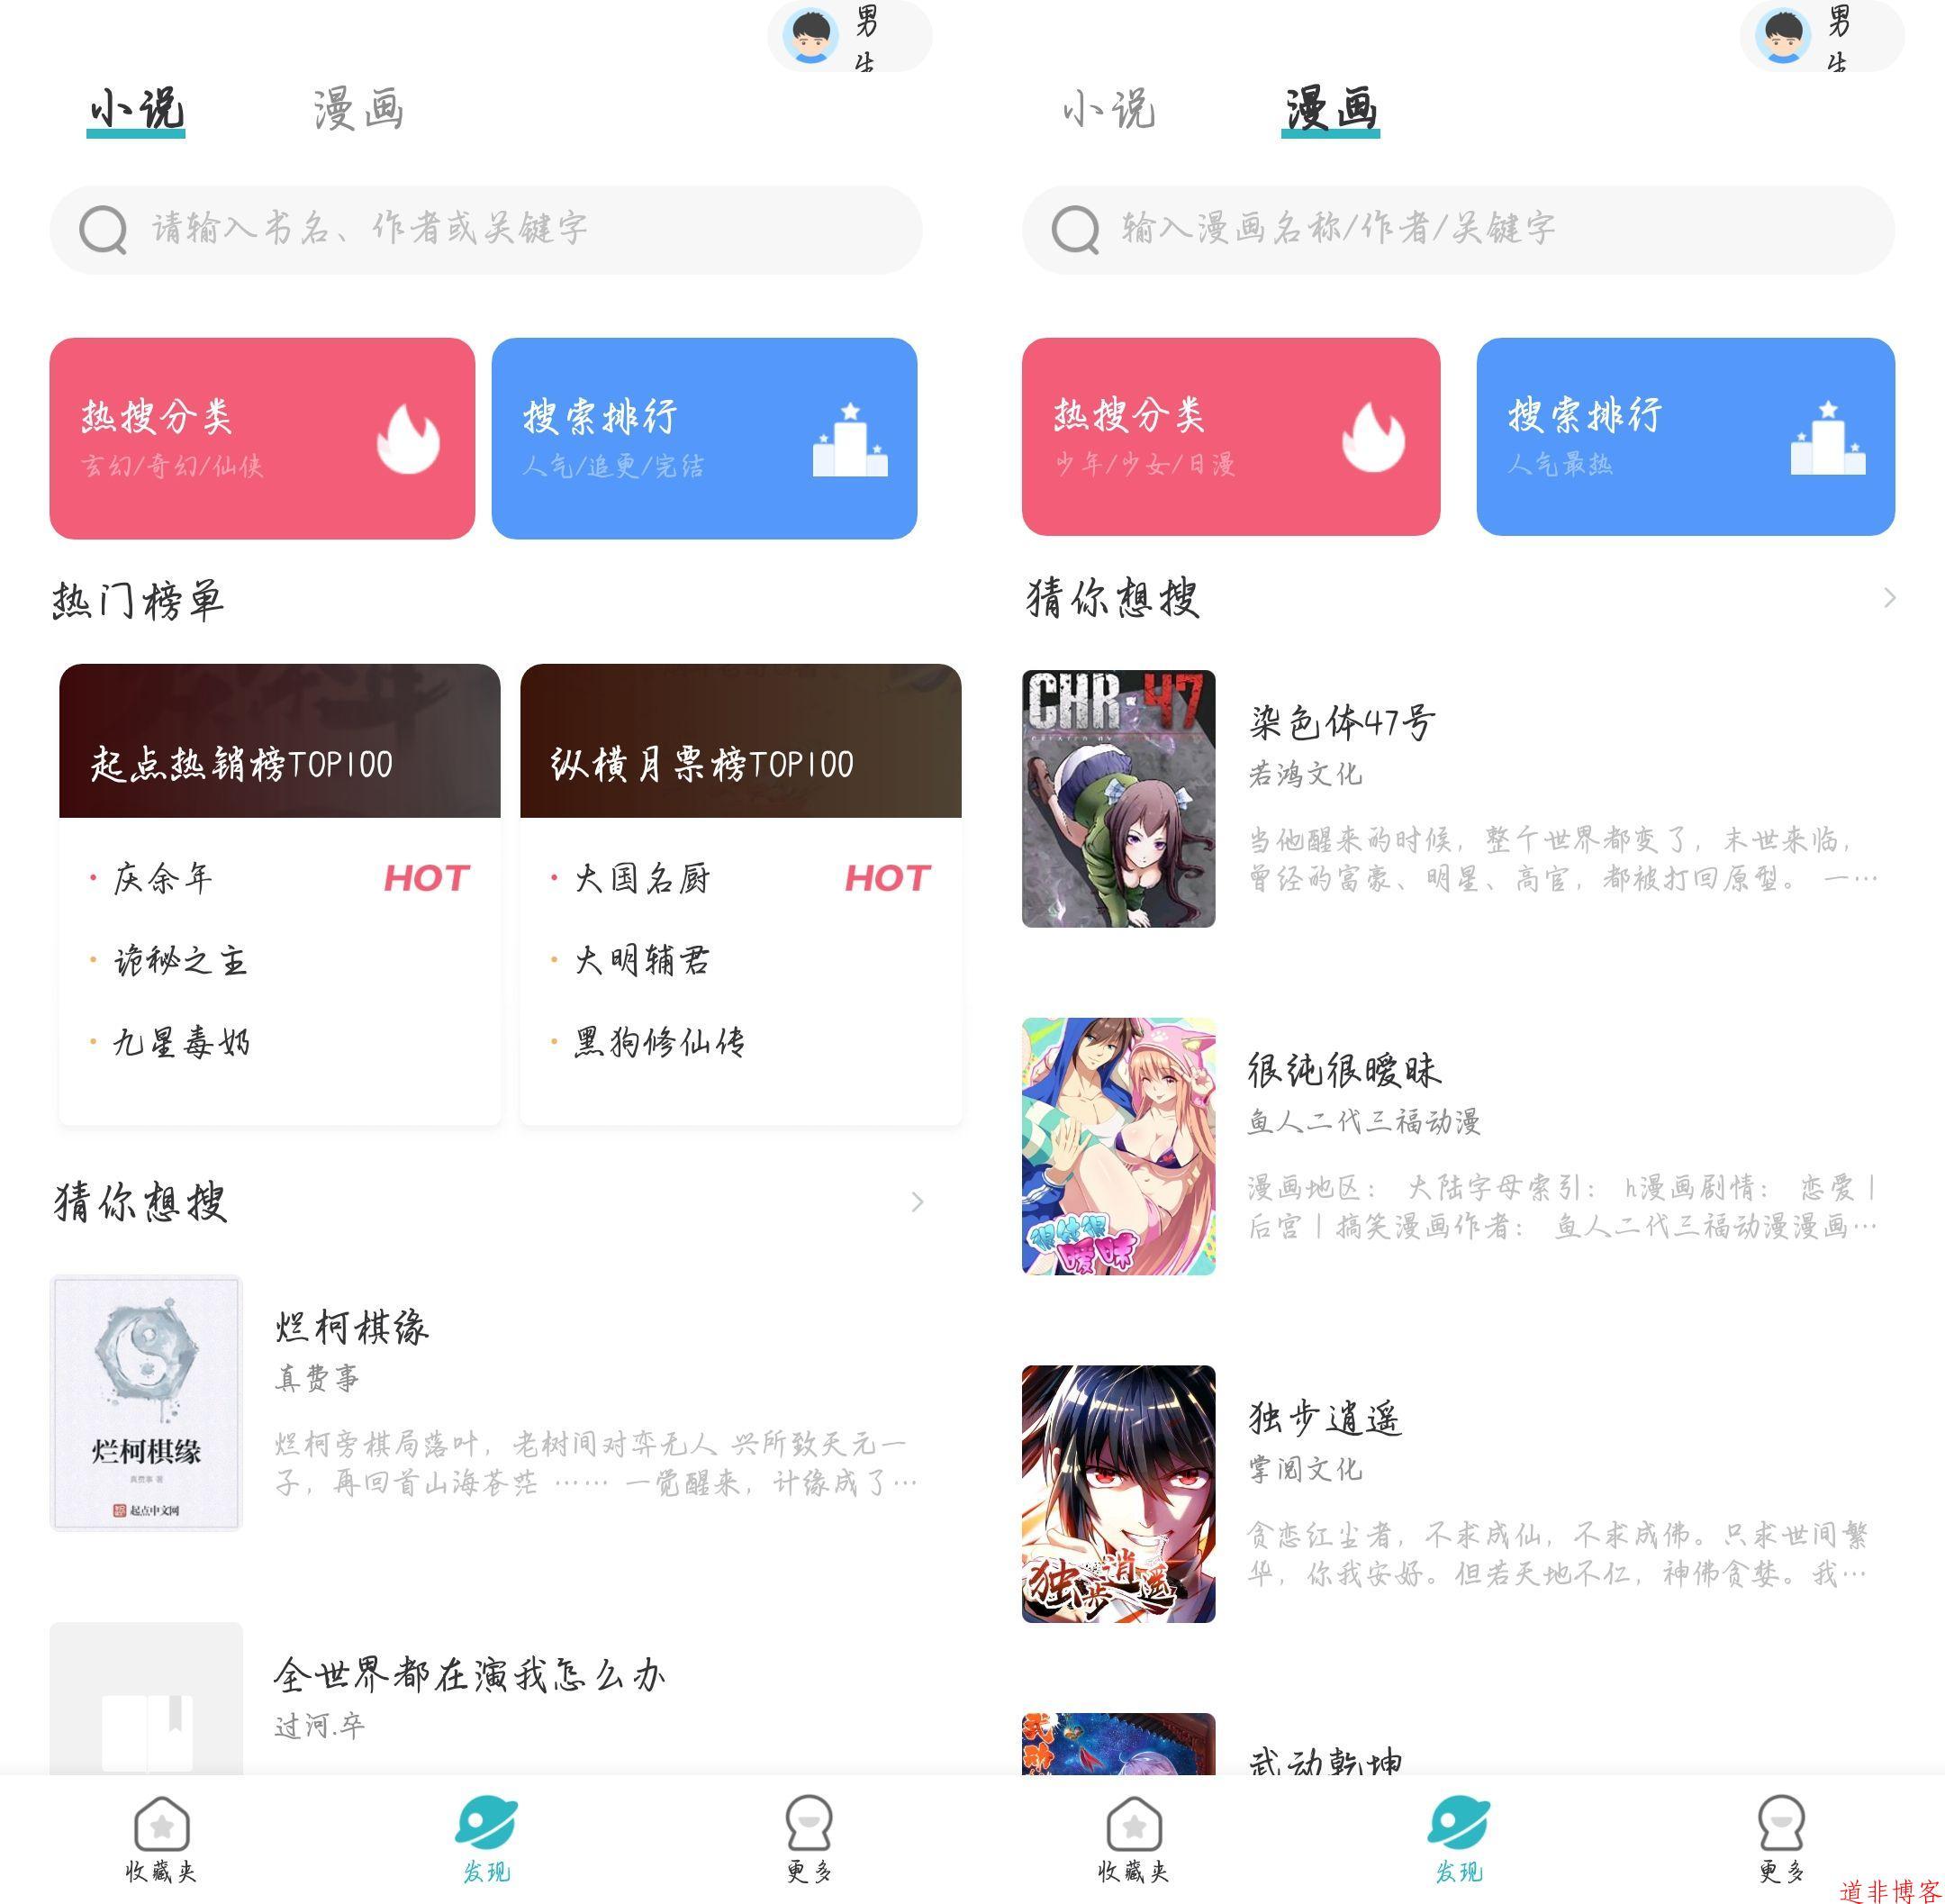 免费看小说漫画app小说追书大全V1.2.3去广告版